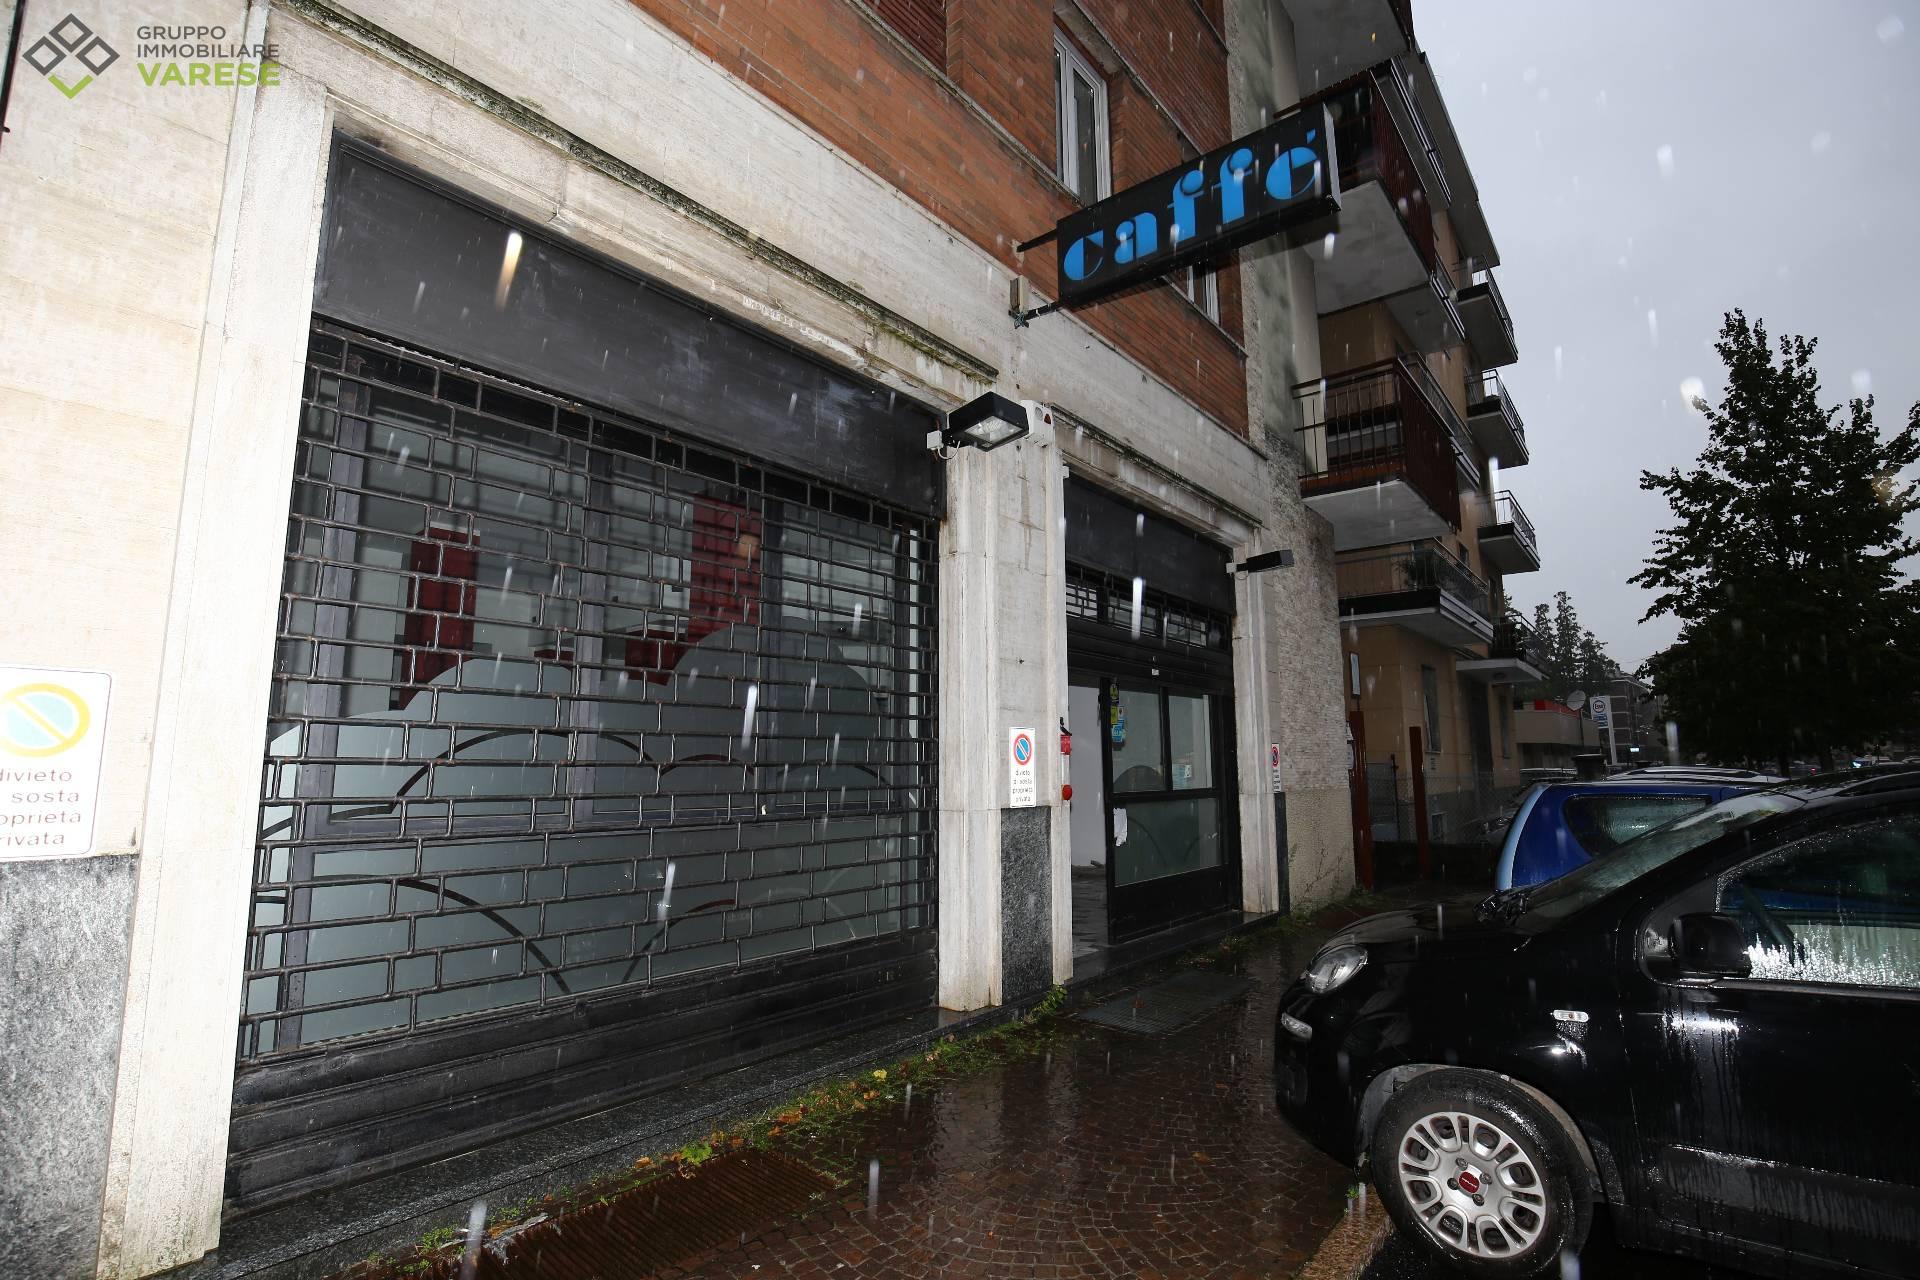 Negozio / Locale in affitto a Varese, 9999 locali, zona Zona: Giubiano, prezzo € 690 | CambioCasa.it